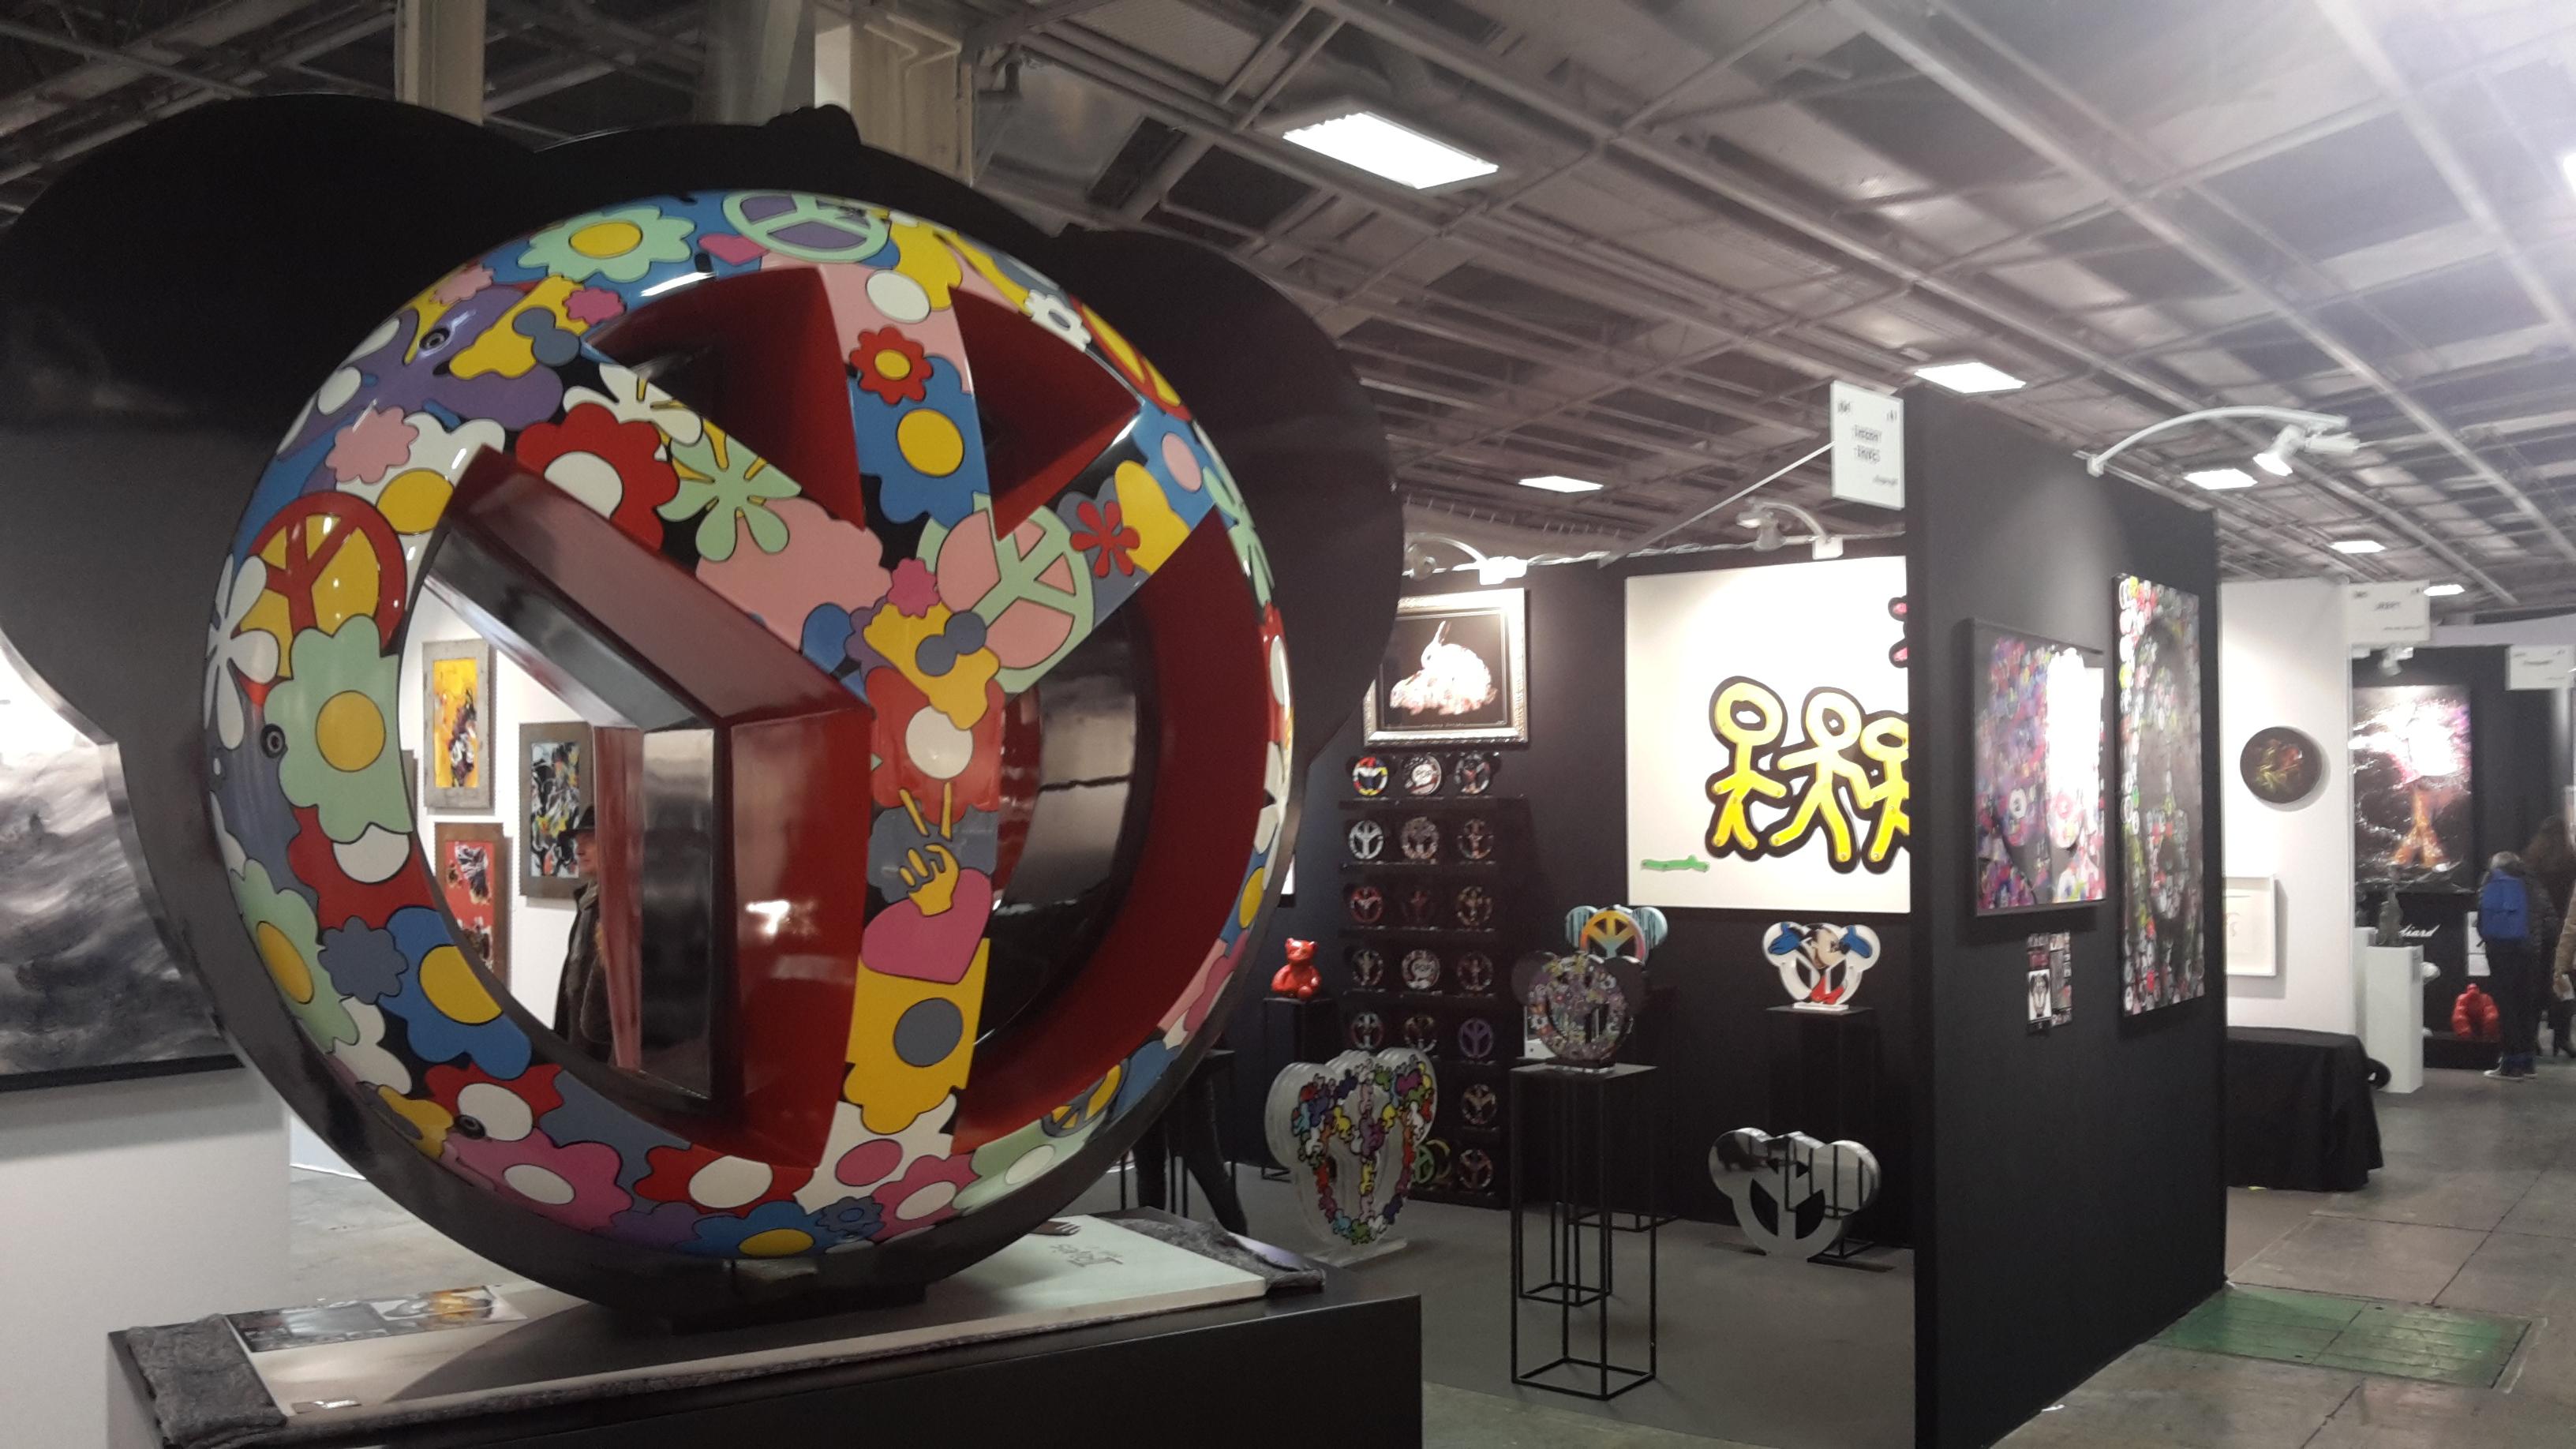 Expo Porte de versailles